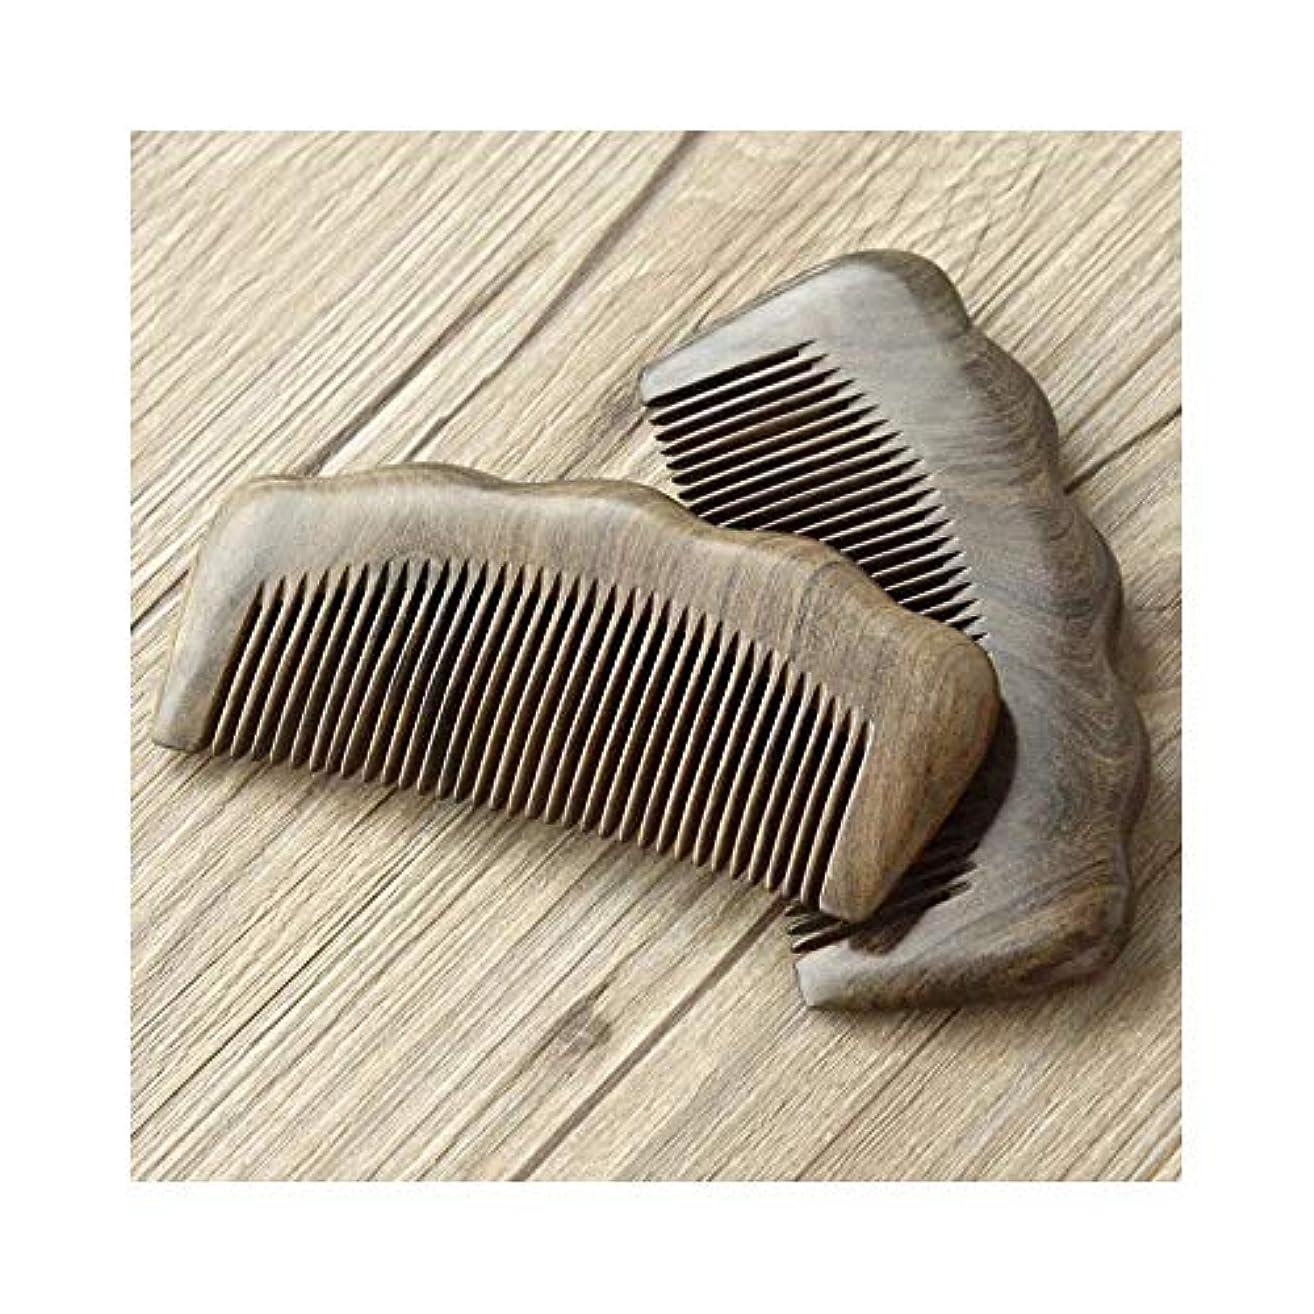 しないでください数学者国Fashianナチュラルサンダルウッドコーム - 全歯と手作りの木製くし静電気防止コーム ヘアケア (色 : 81247)